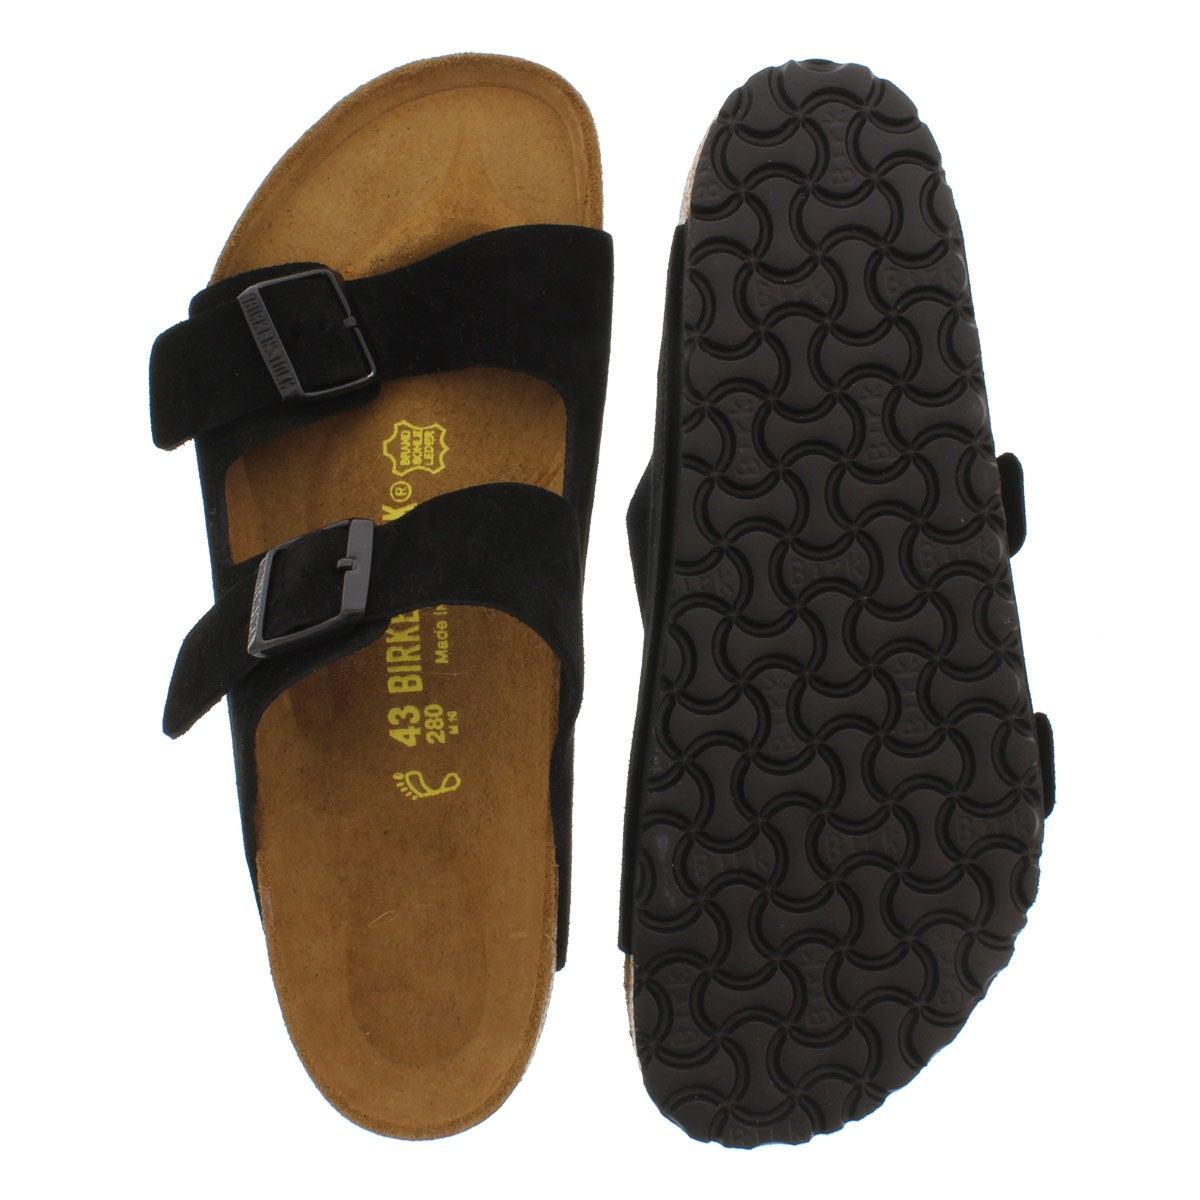 Mns Arizona black suede 2 strap sandal